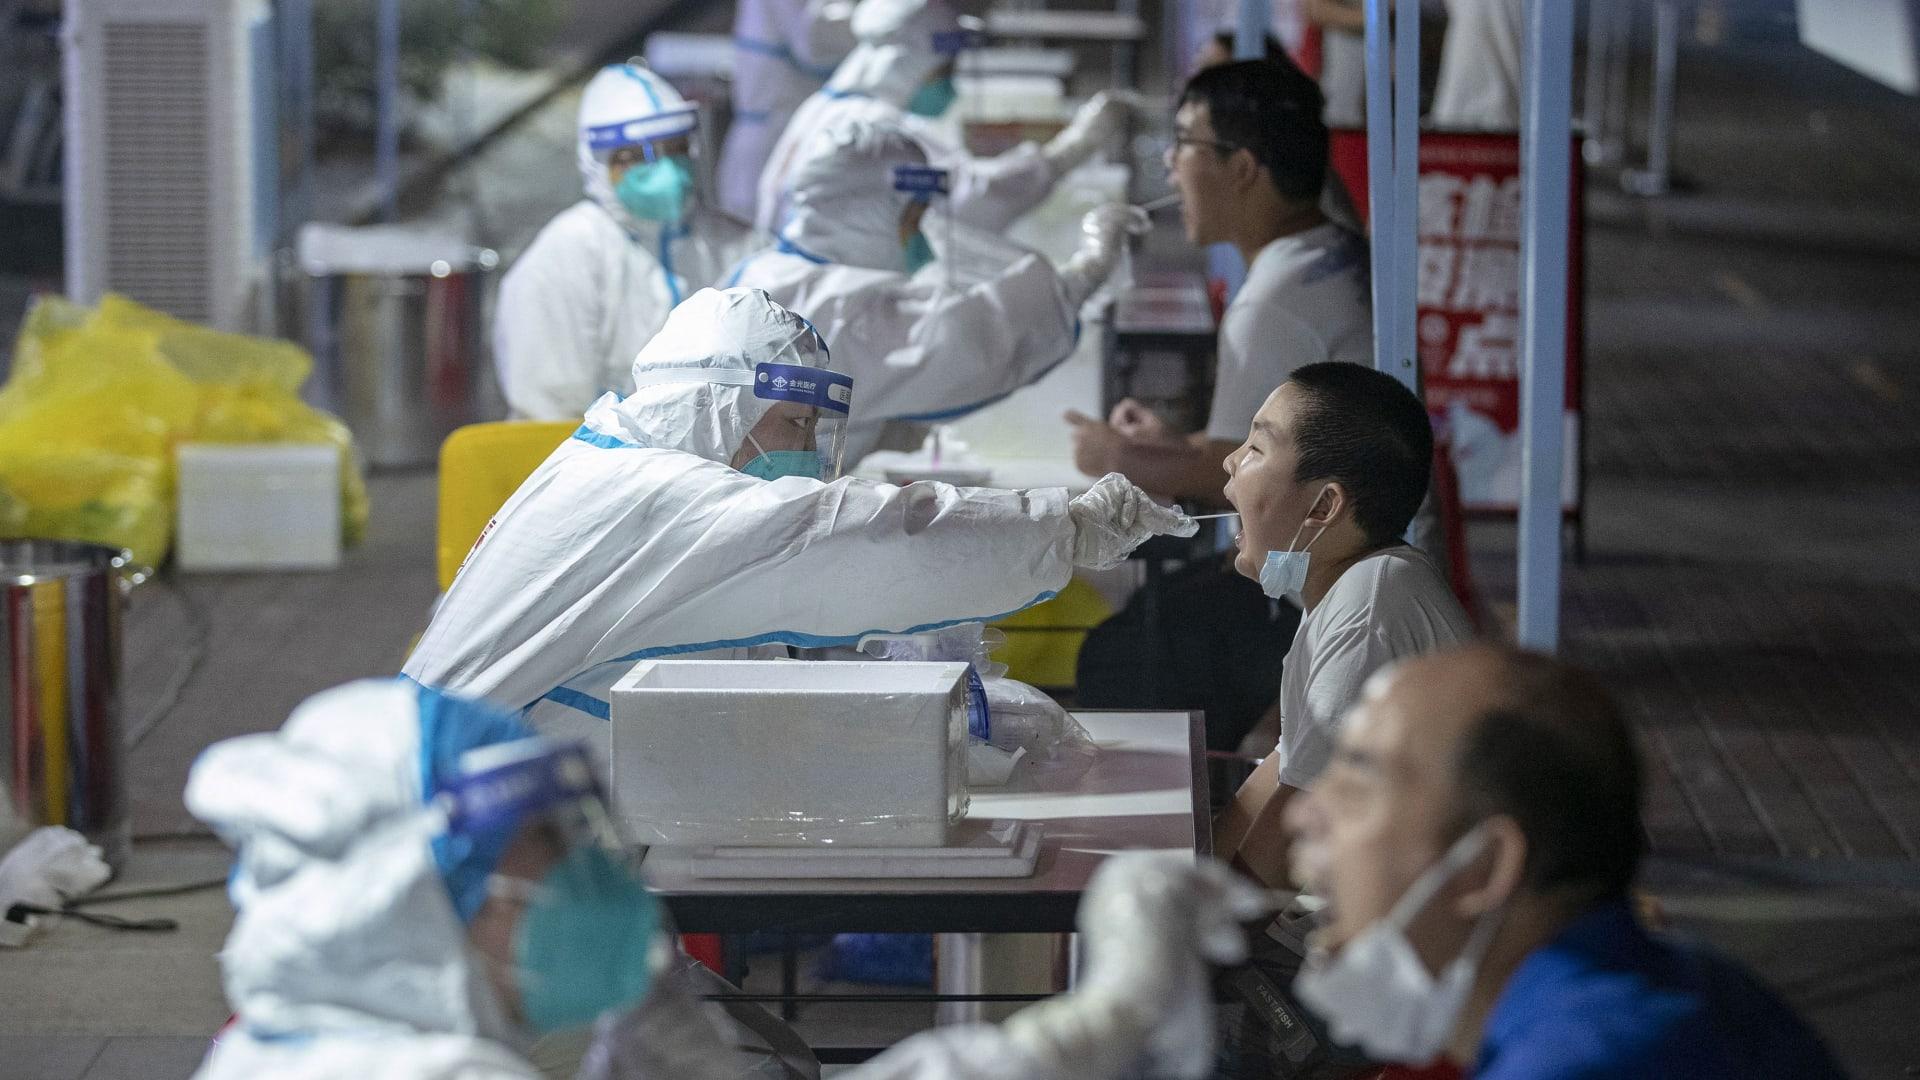 تأكيدات في ووهان الصينية… ارتفاع في الإصابات وتخوف من متغير دلتا